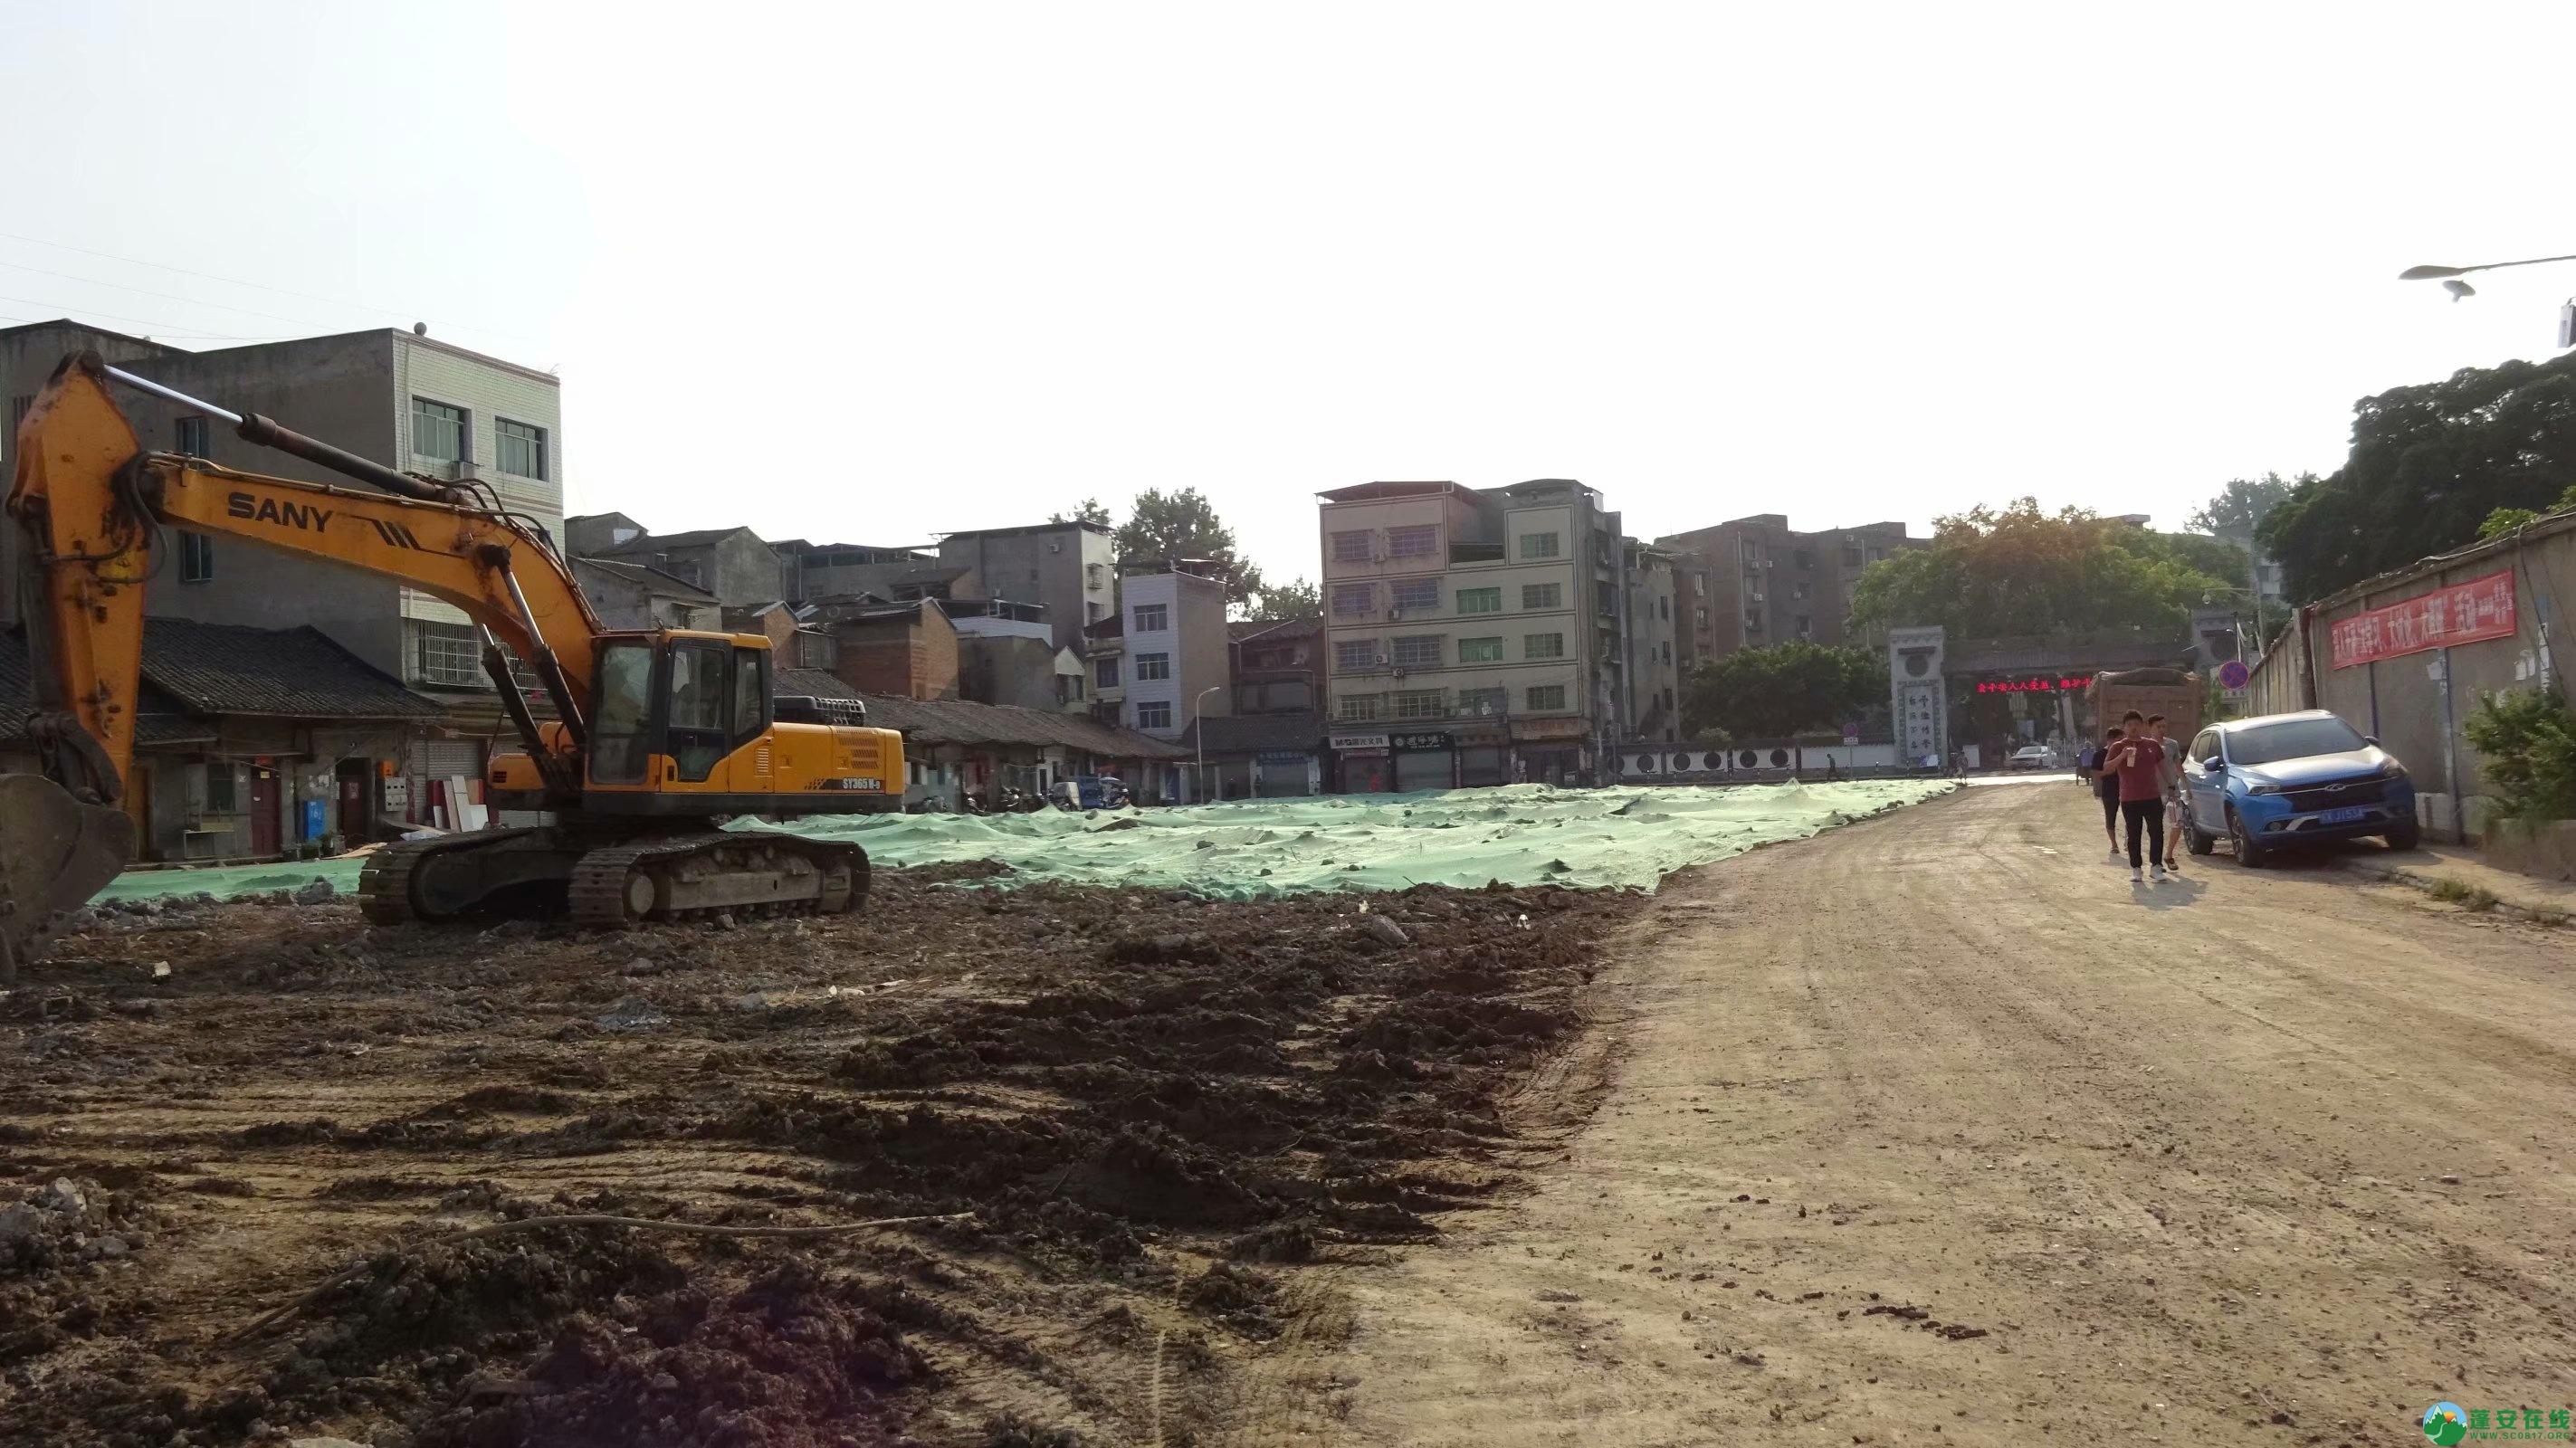 蓬安锦屏相如故城建设迅猛 - 第4张  | 蓬安在线